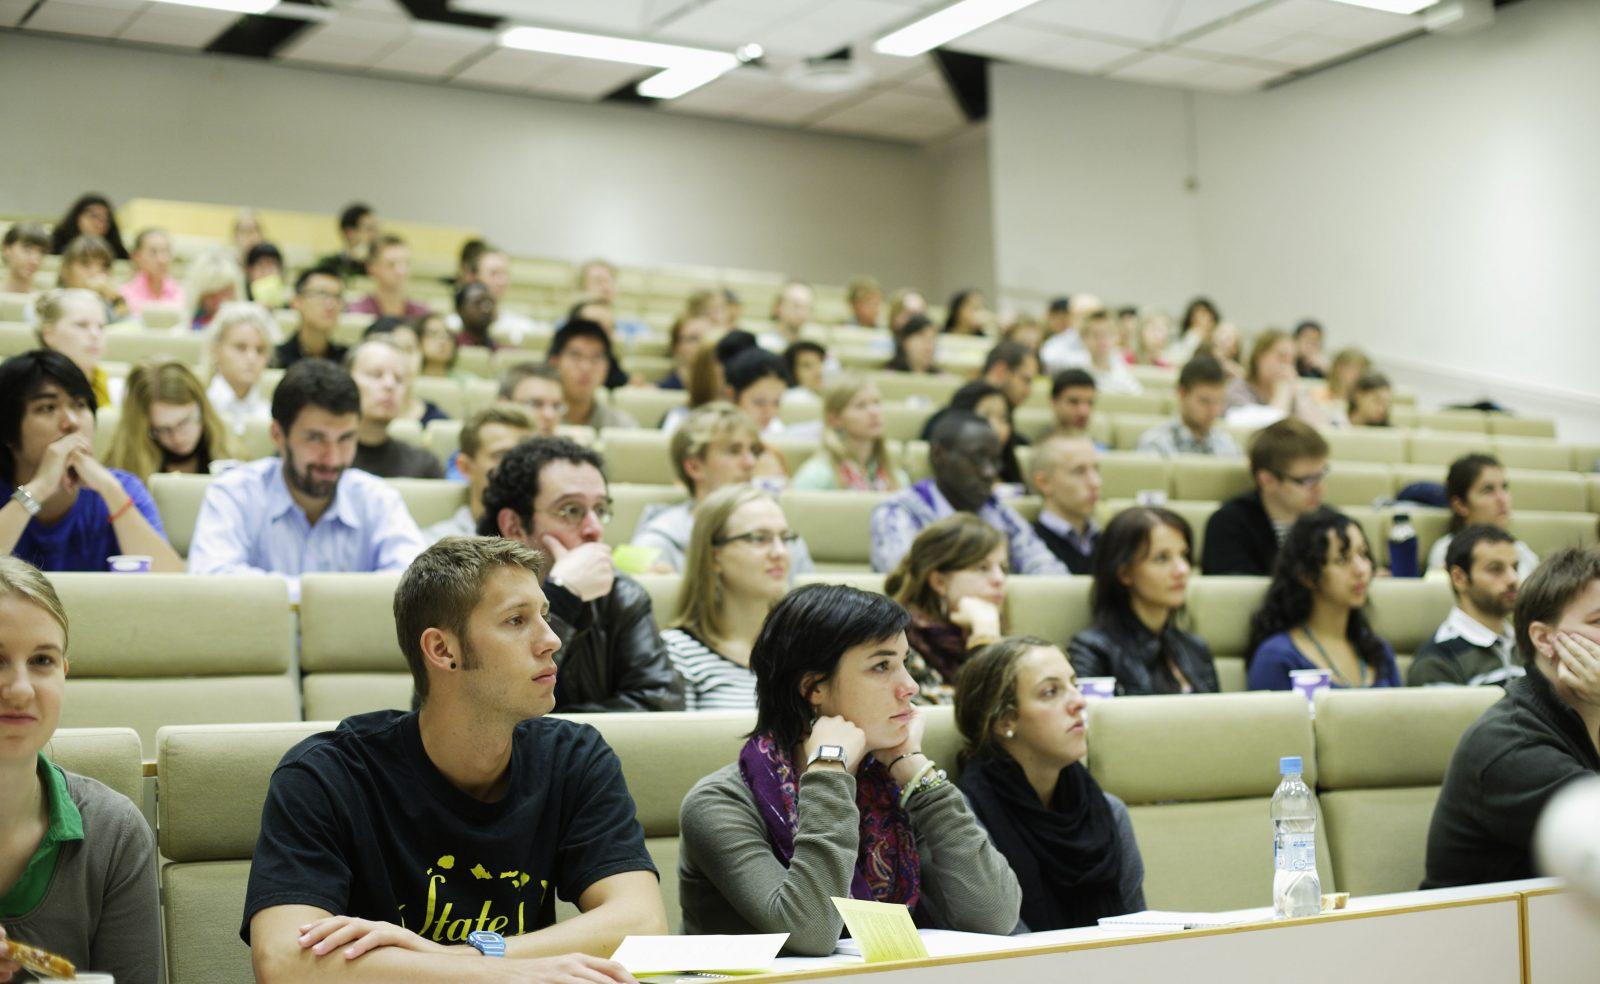 Студенты в аудитории на лекции